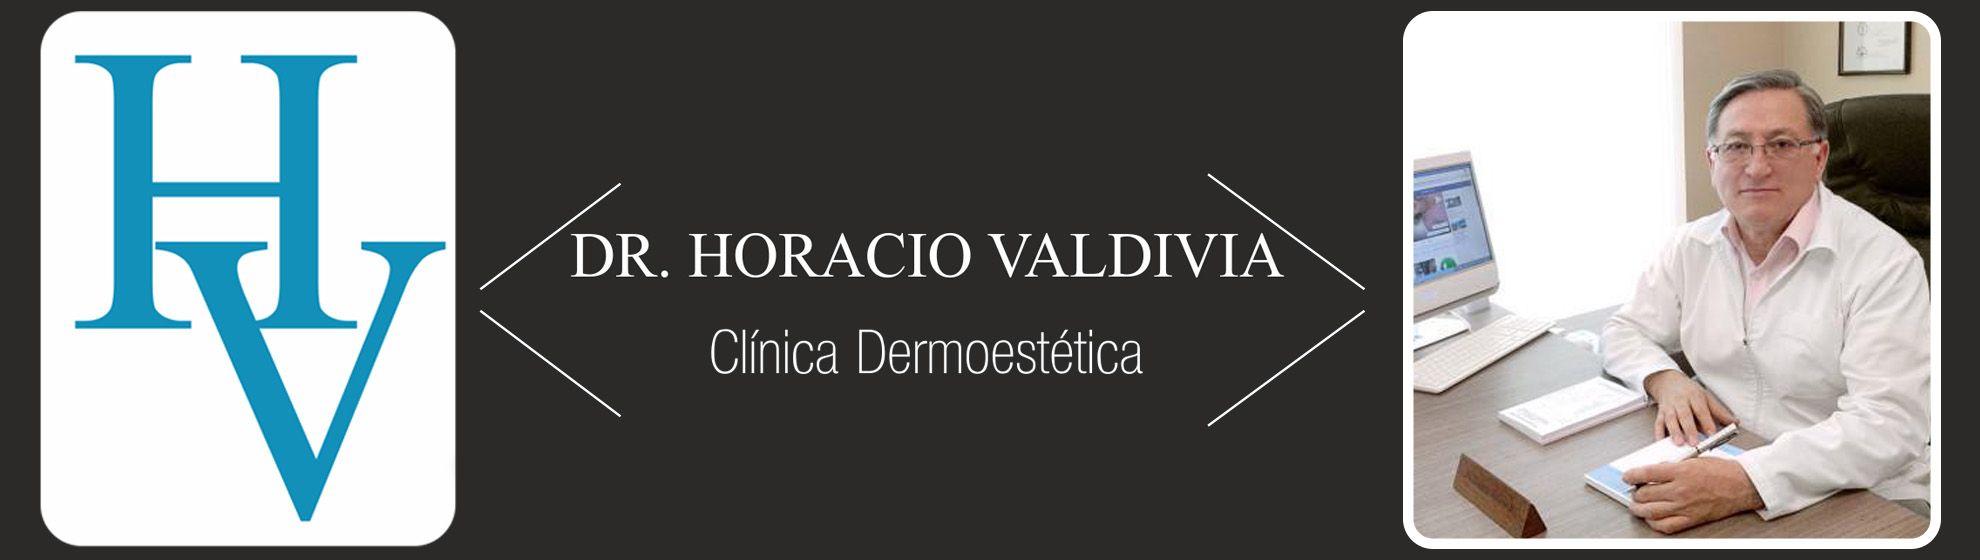 Doctor Horacio Valdivia Meza